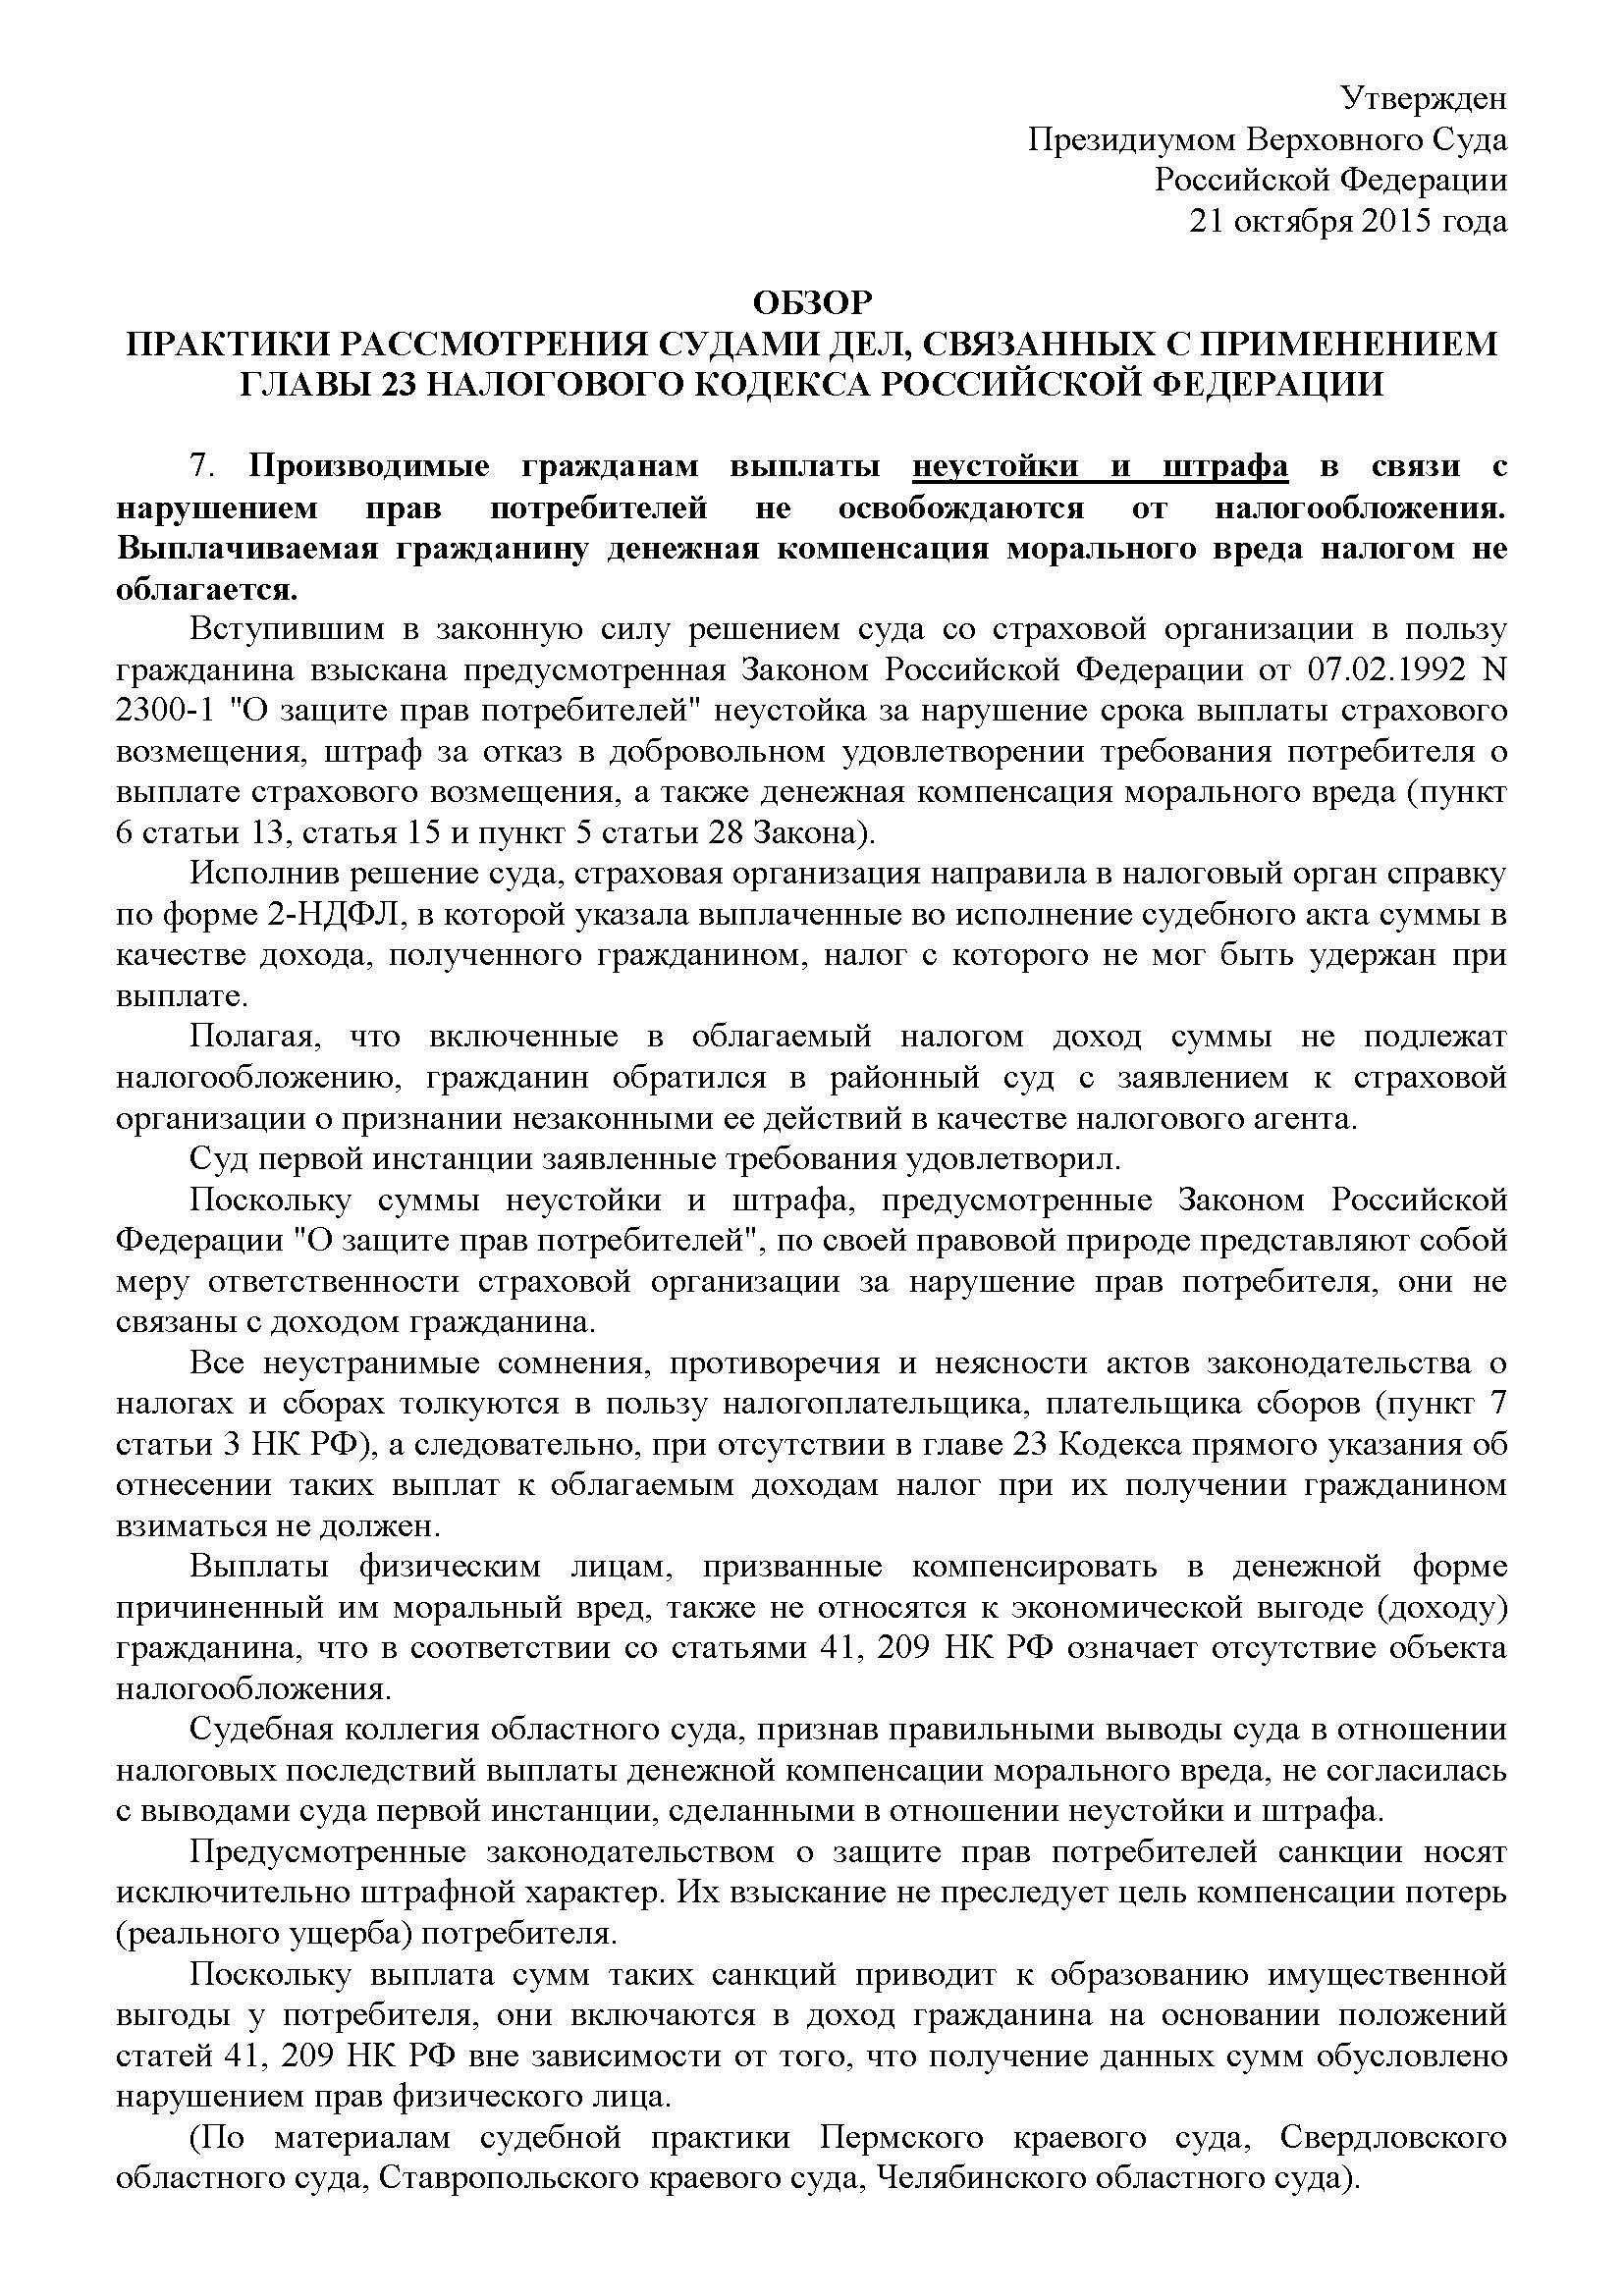 Судебного участка 408 красносельского района г москвы